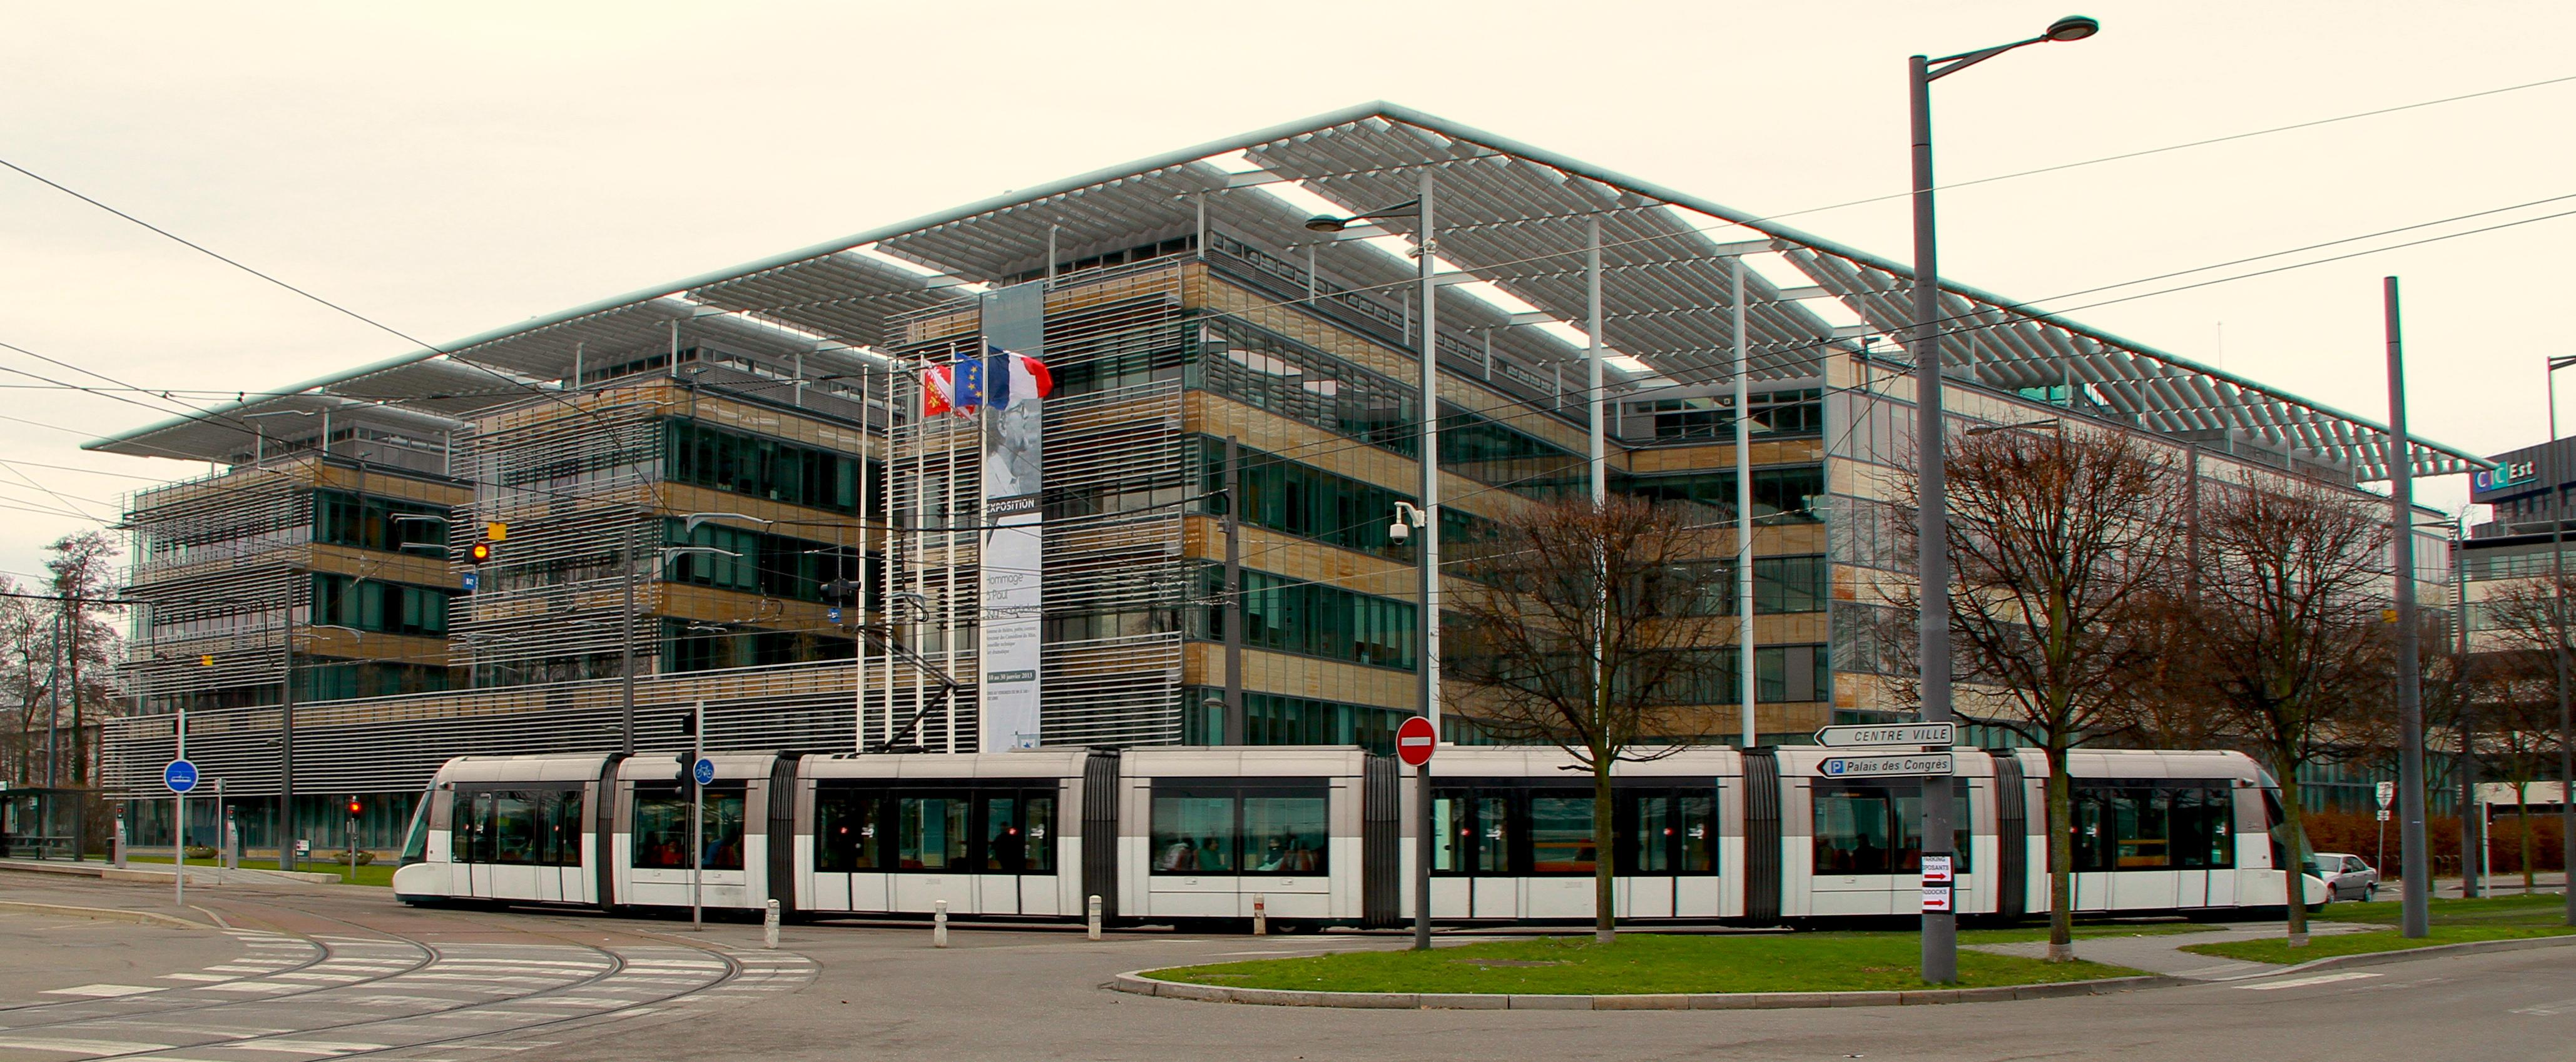 Strasbourg r gion alsace arts et voyages for Designhotel elsass